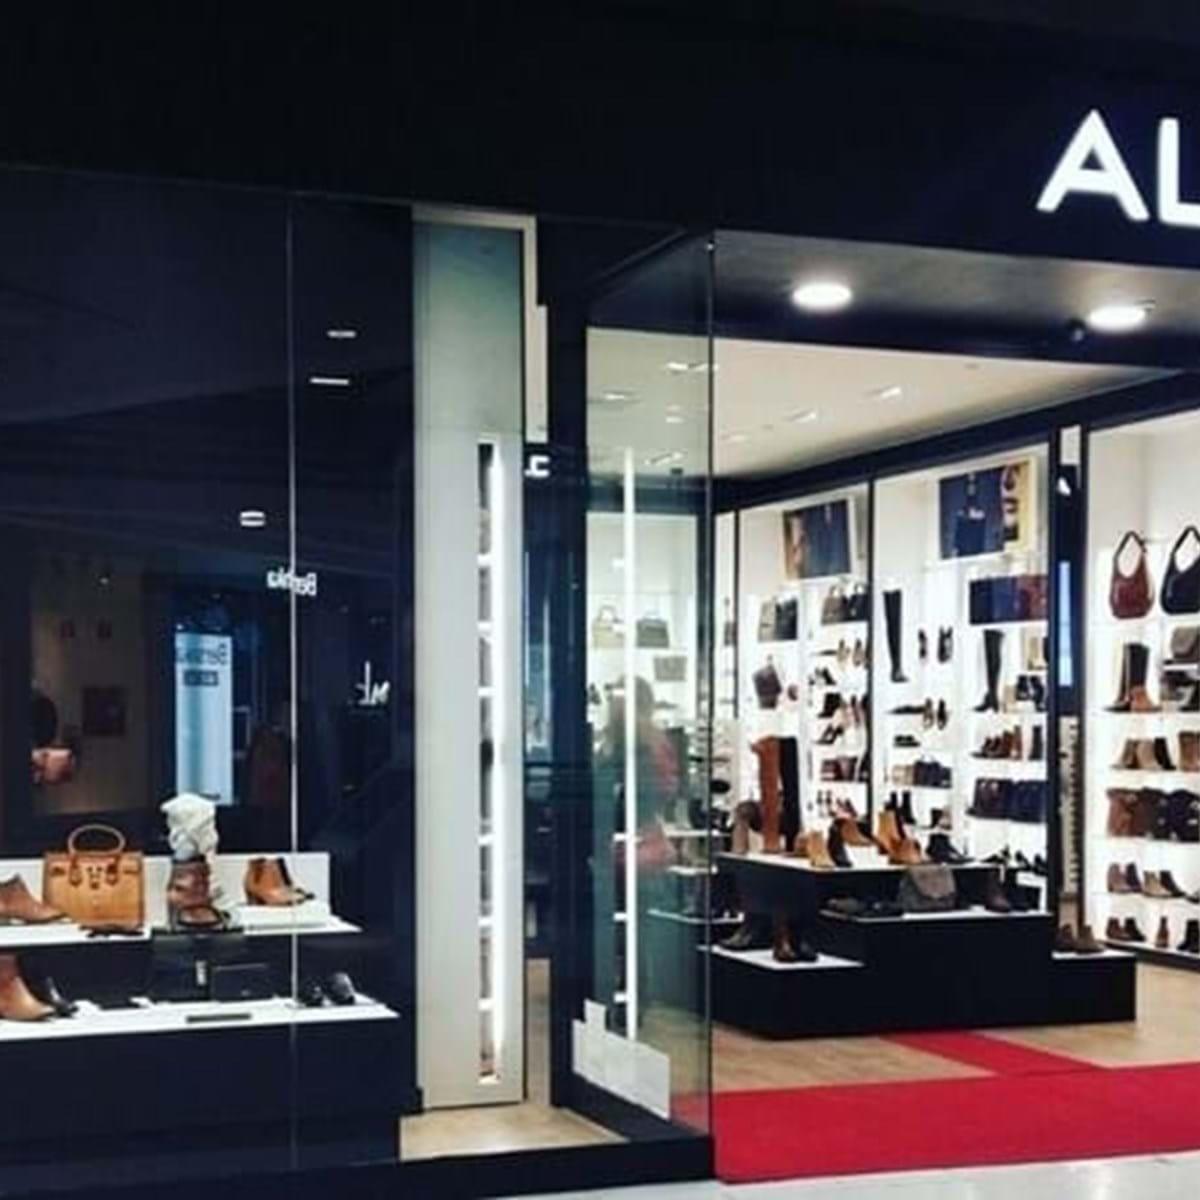 Gigante do calçado Aldo entra em falência pressionado pela